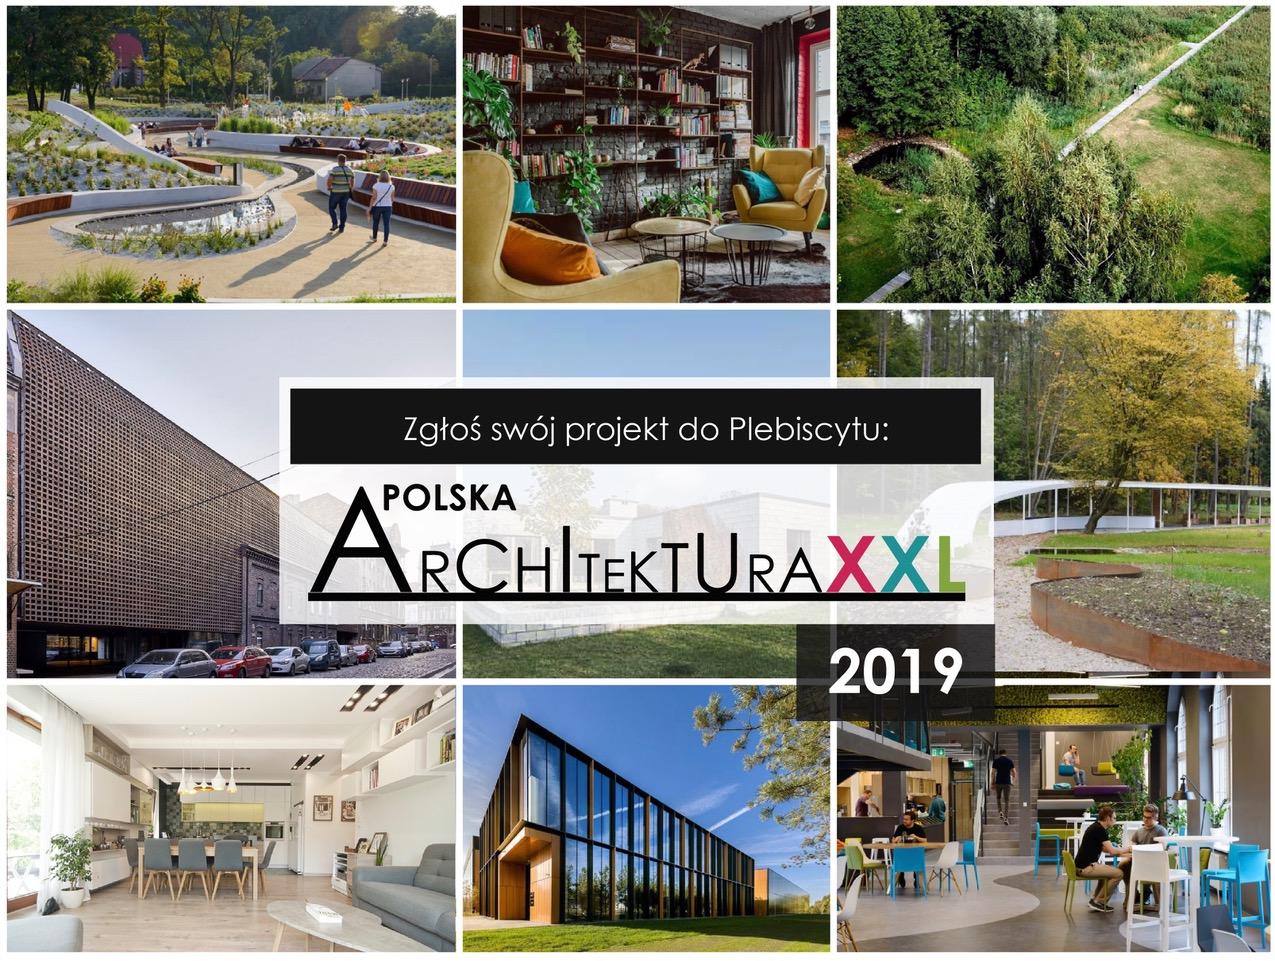 polska-architektura-xxl-2019-zglos-realizacje